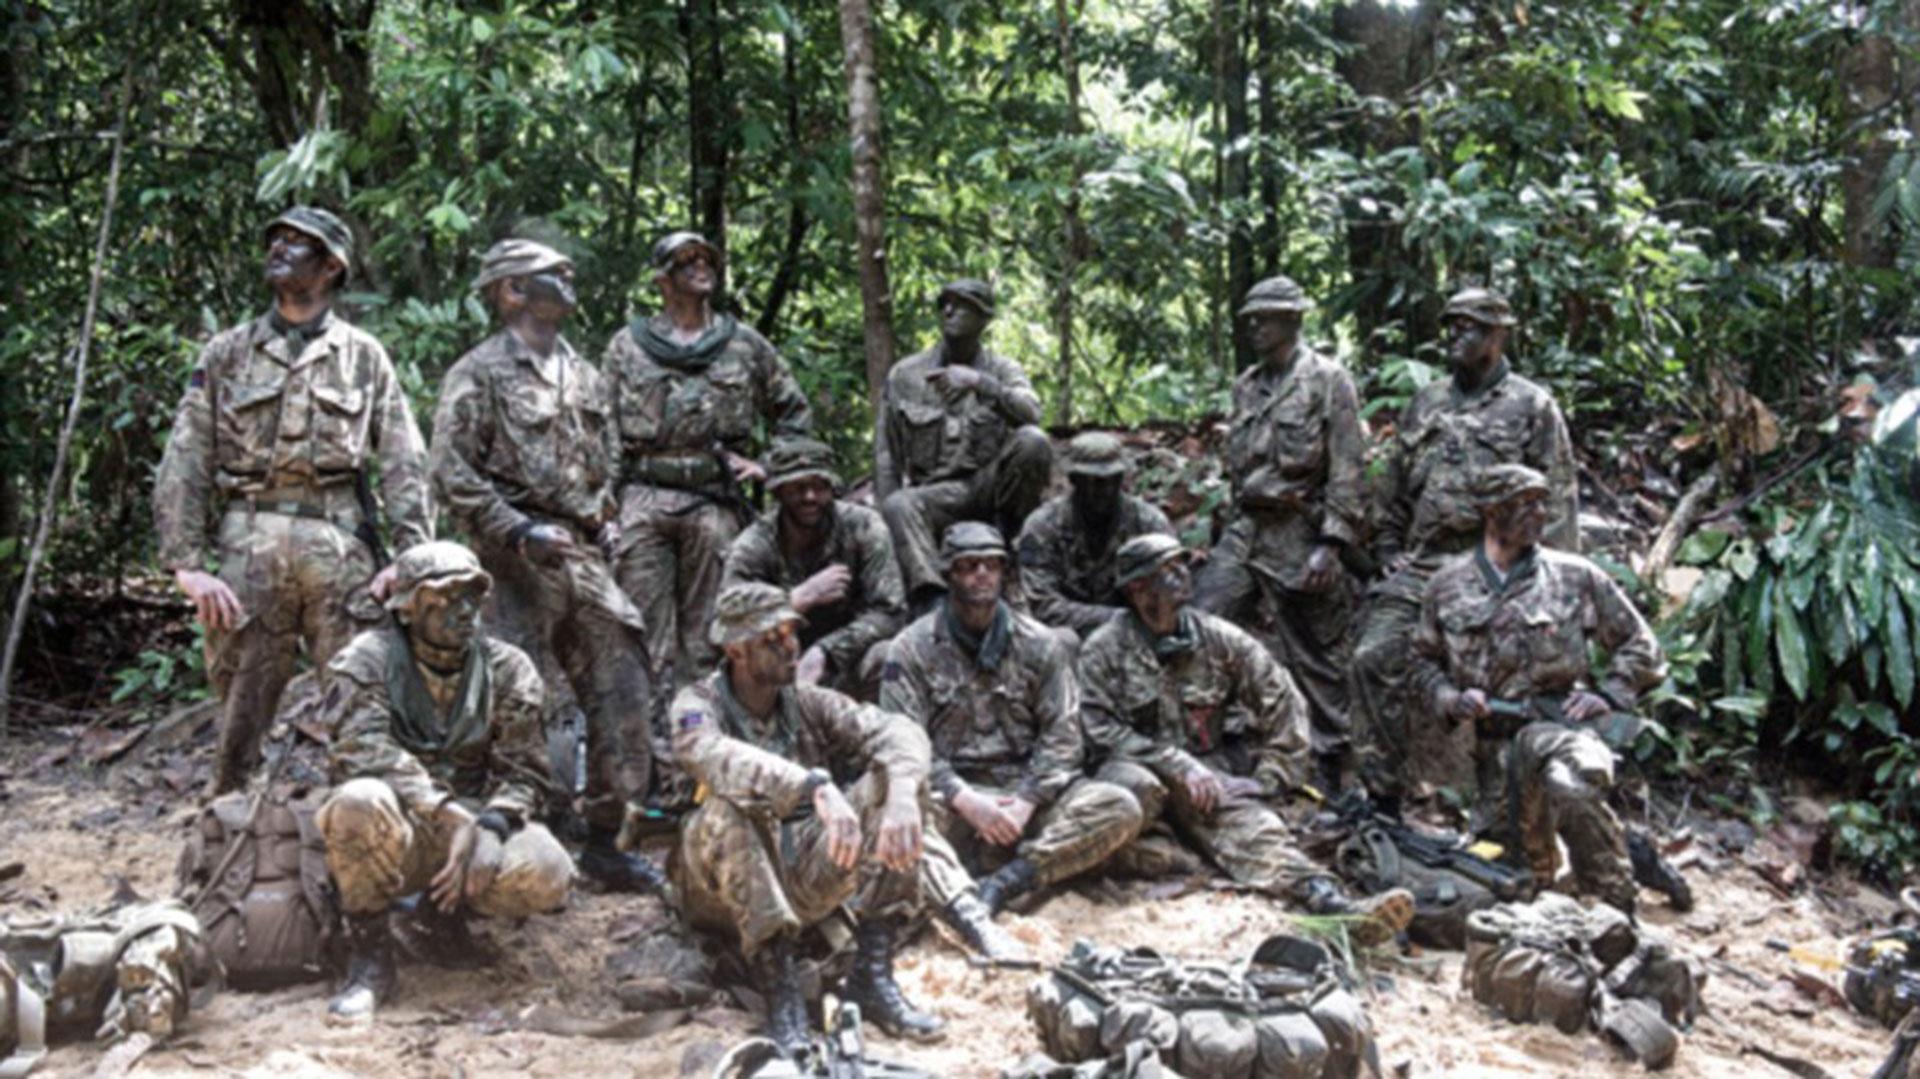 Los soldados de la Household Cavalry son especialistas en camuflaje